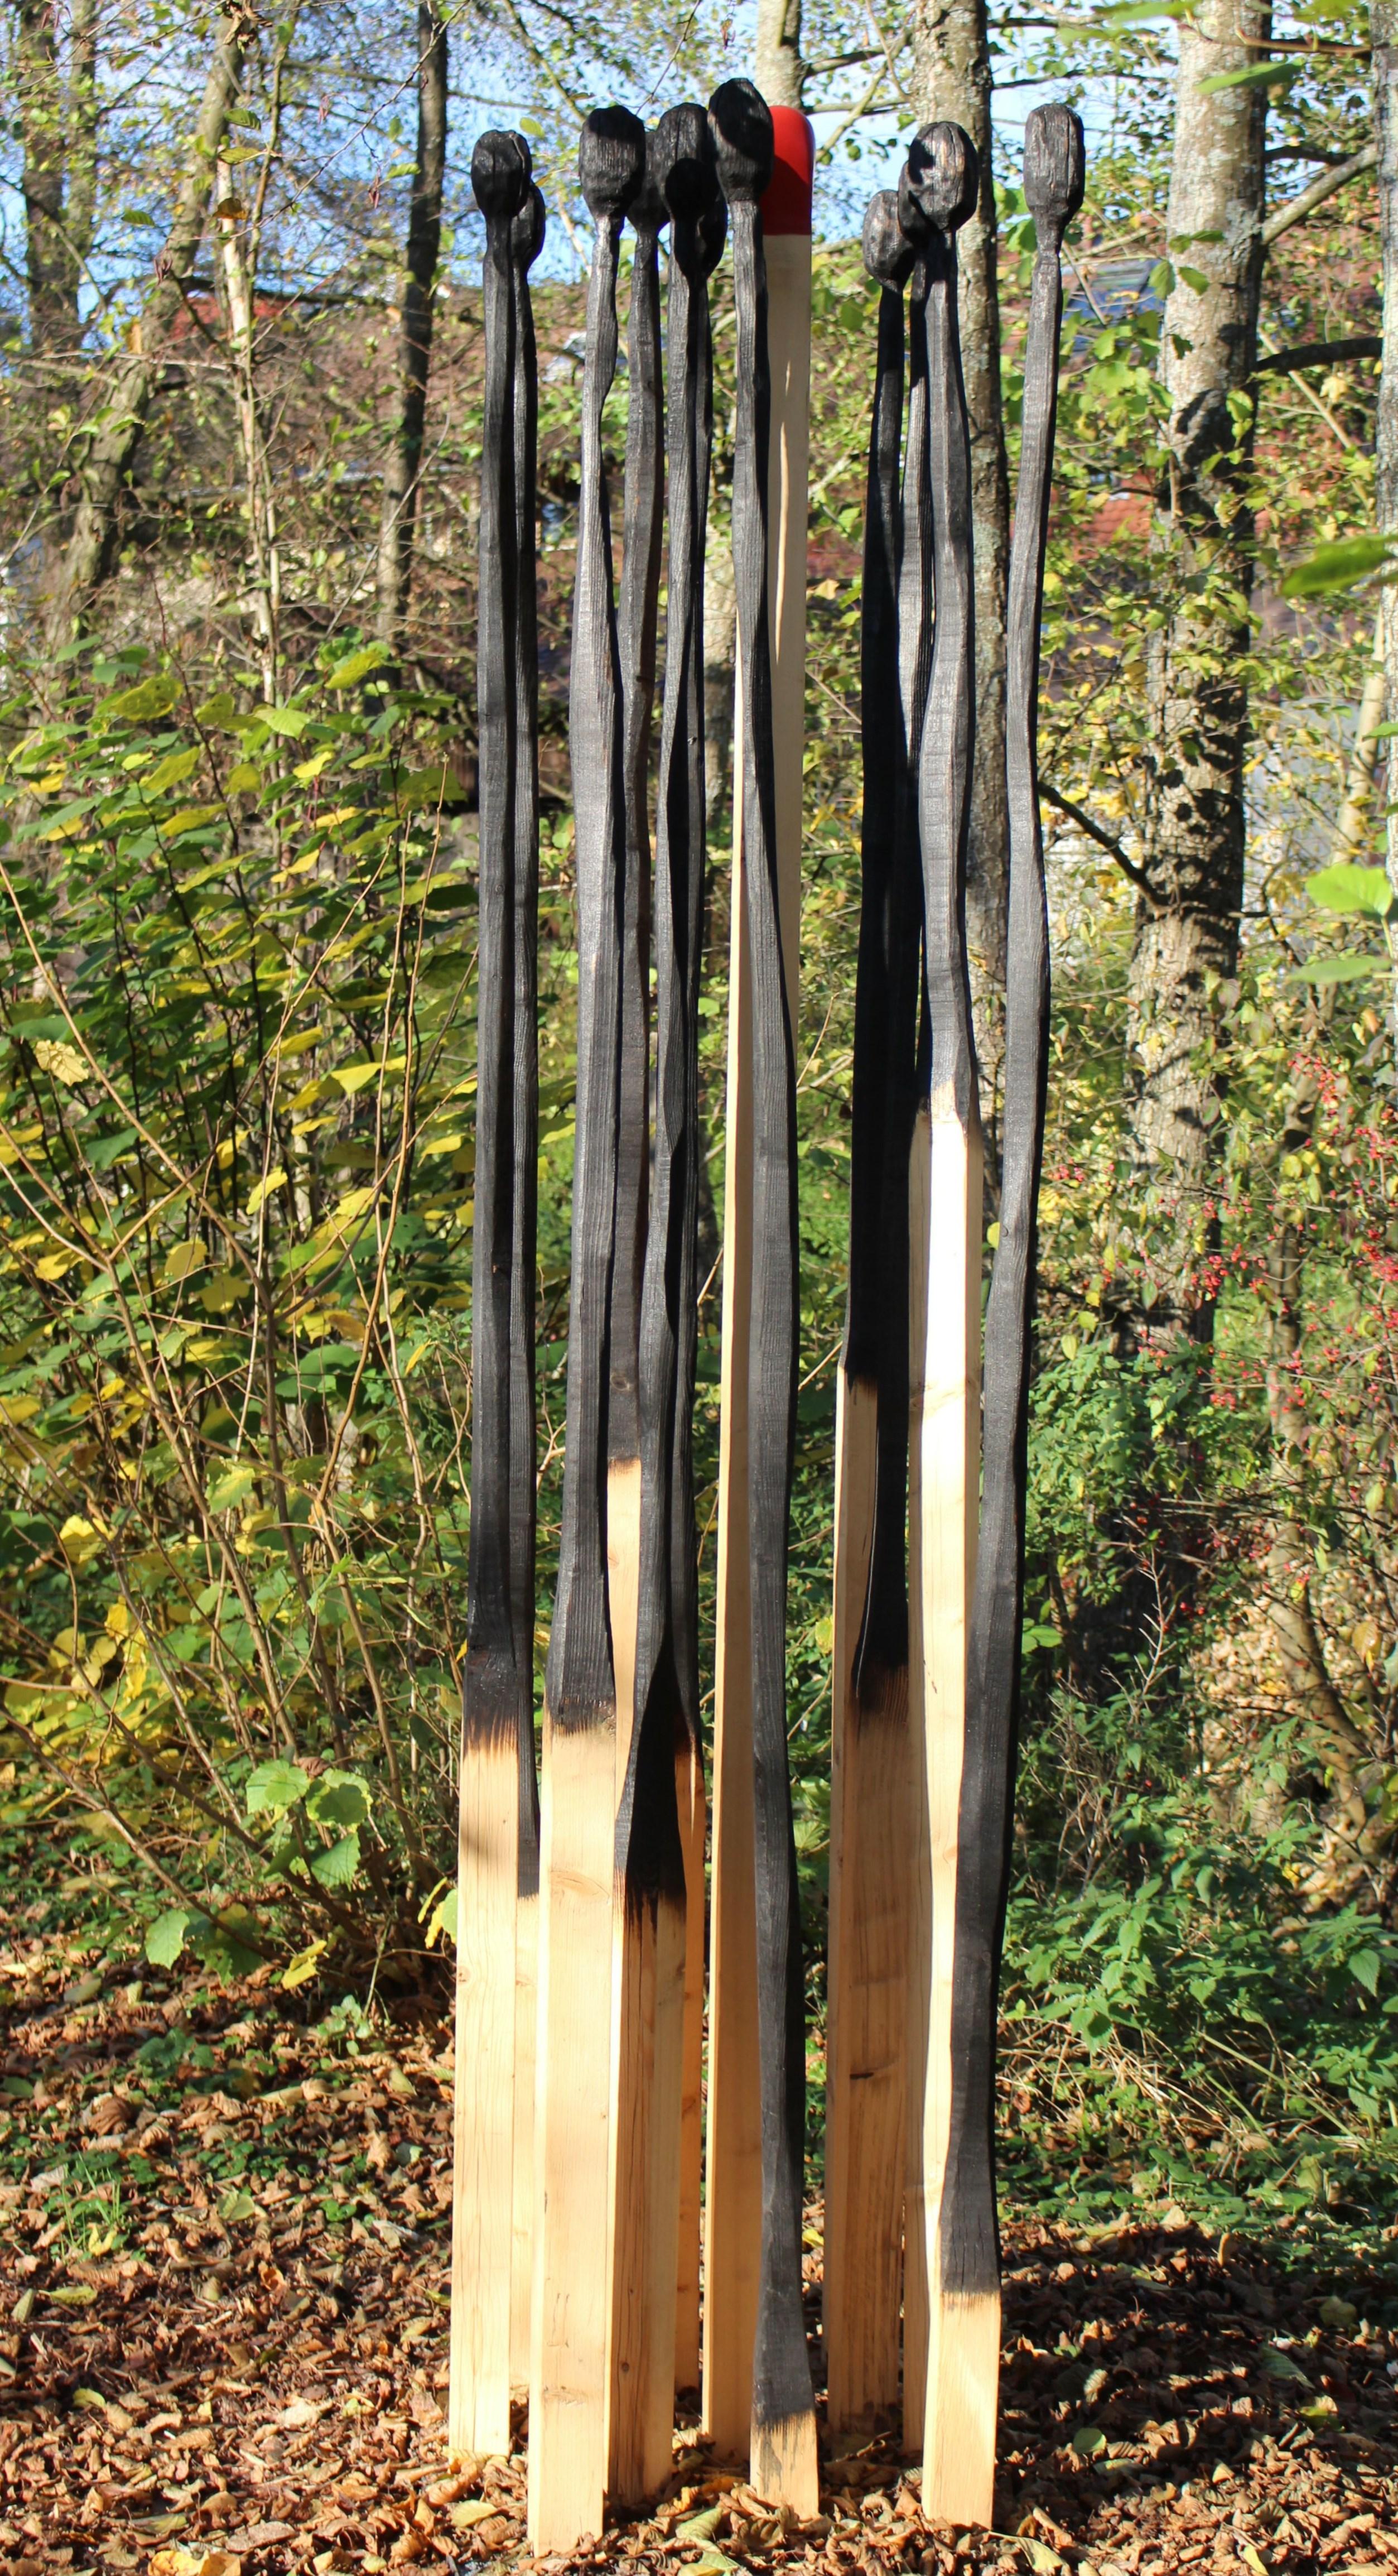 Kleinsteinbach - Pfinztaler Skulpturenweg, Brennpunkte, Tanne teilw. geschwärzt, 300 x 70 x 70 cm